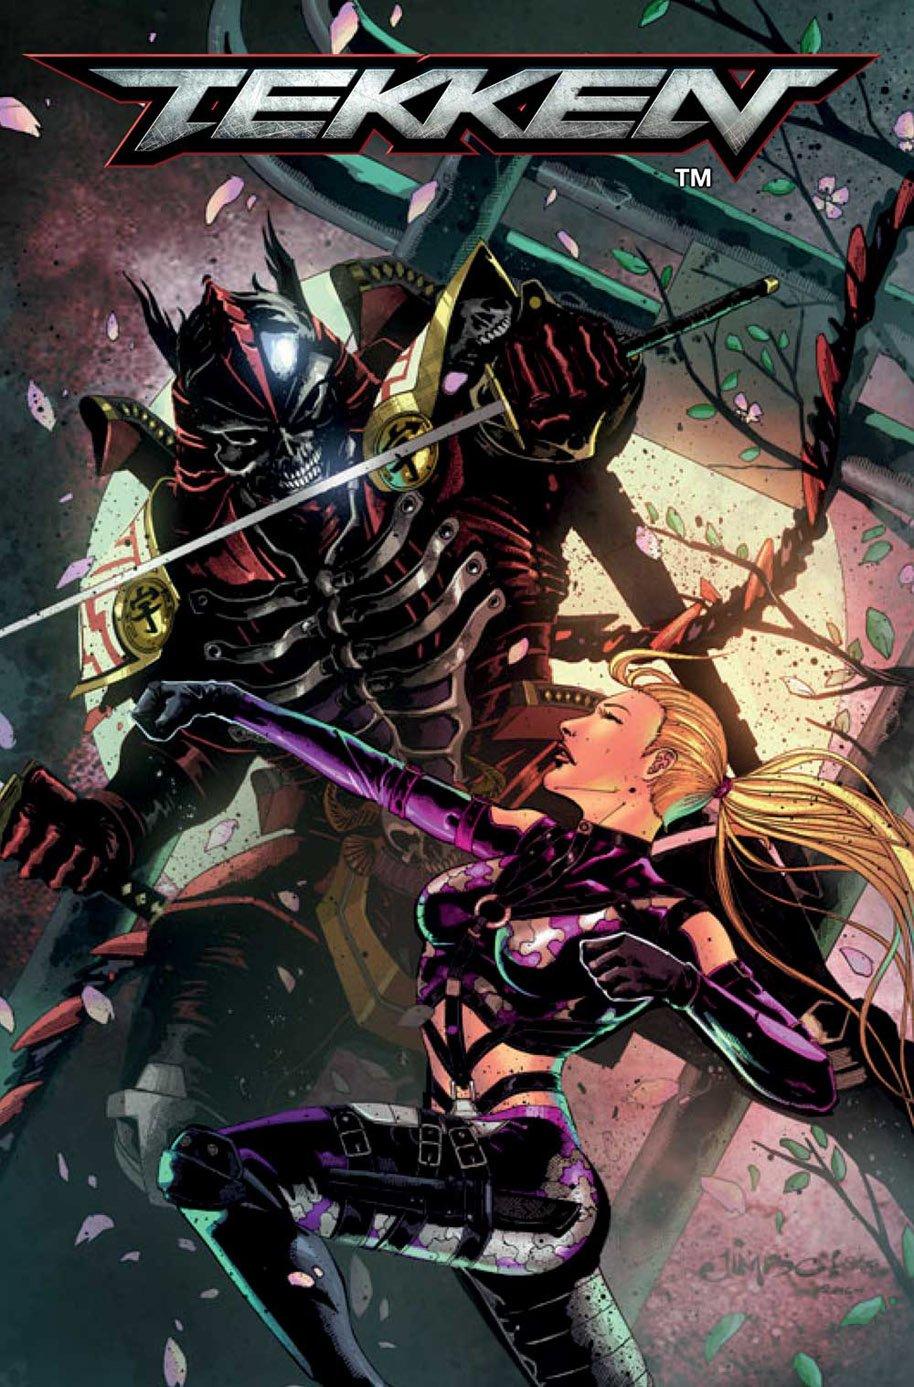 Новый комикс по вселенной Tekken выйдет в мае | Канобу - Изображение 1334